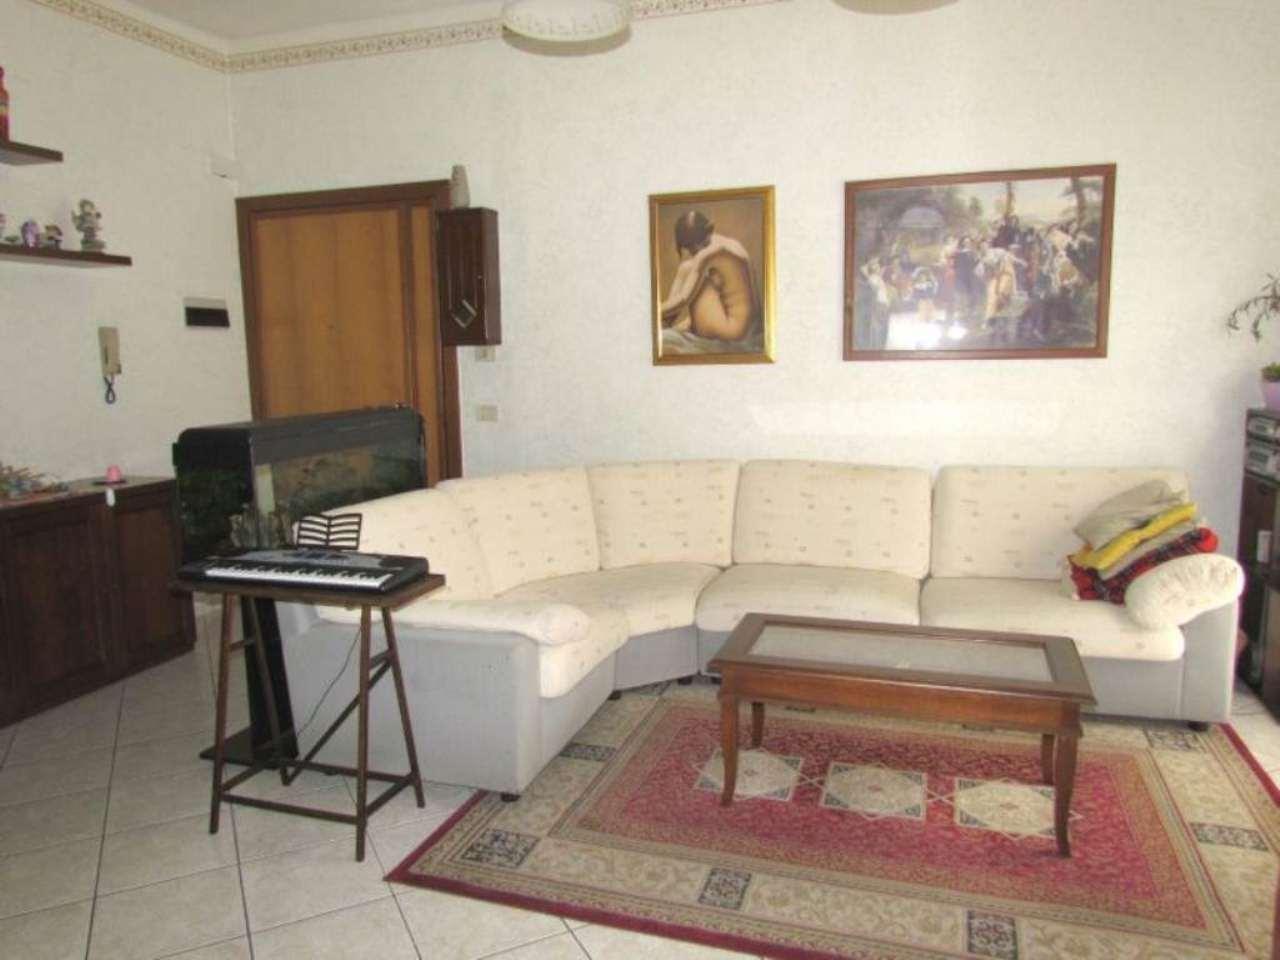 Appartamento in vendita a Castiglione Olona, 3 locali, prezzo € 127.000 | Cambio Casa.it